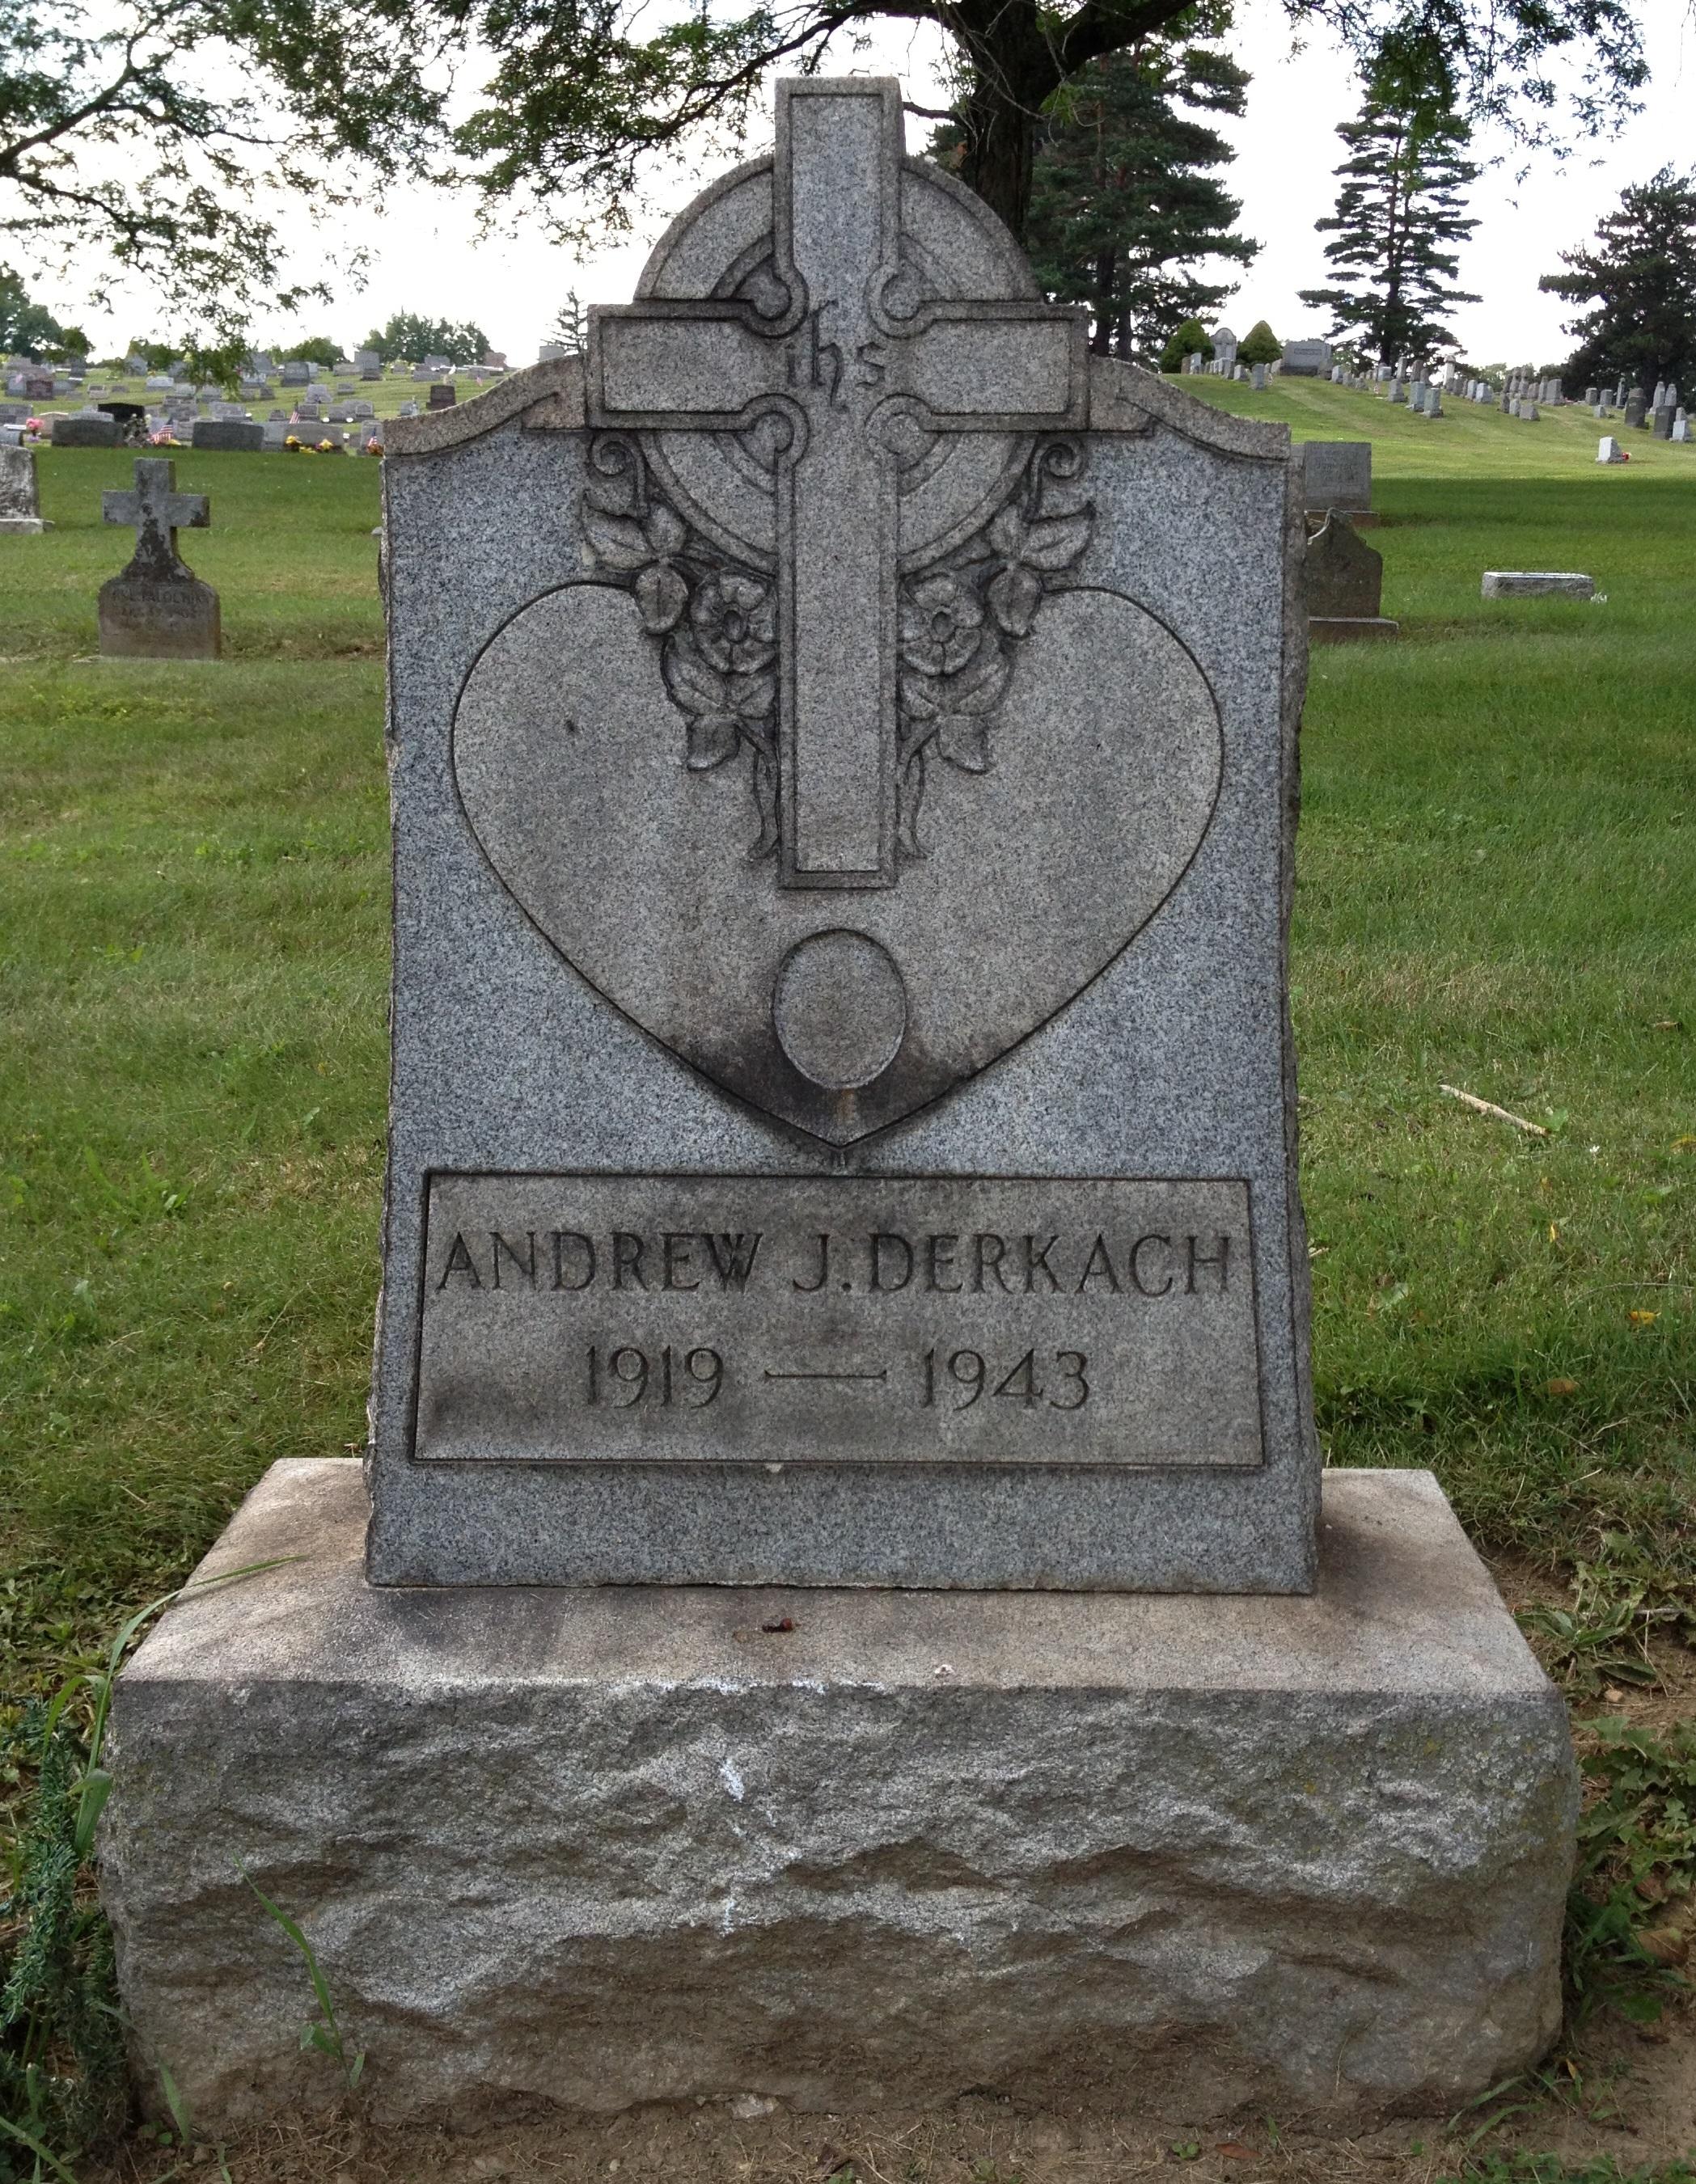 Andrew J. Derkach